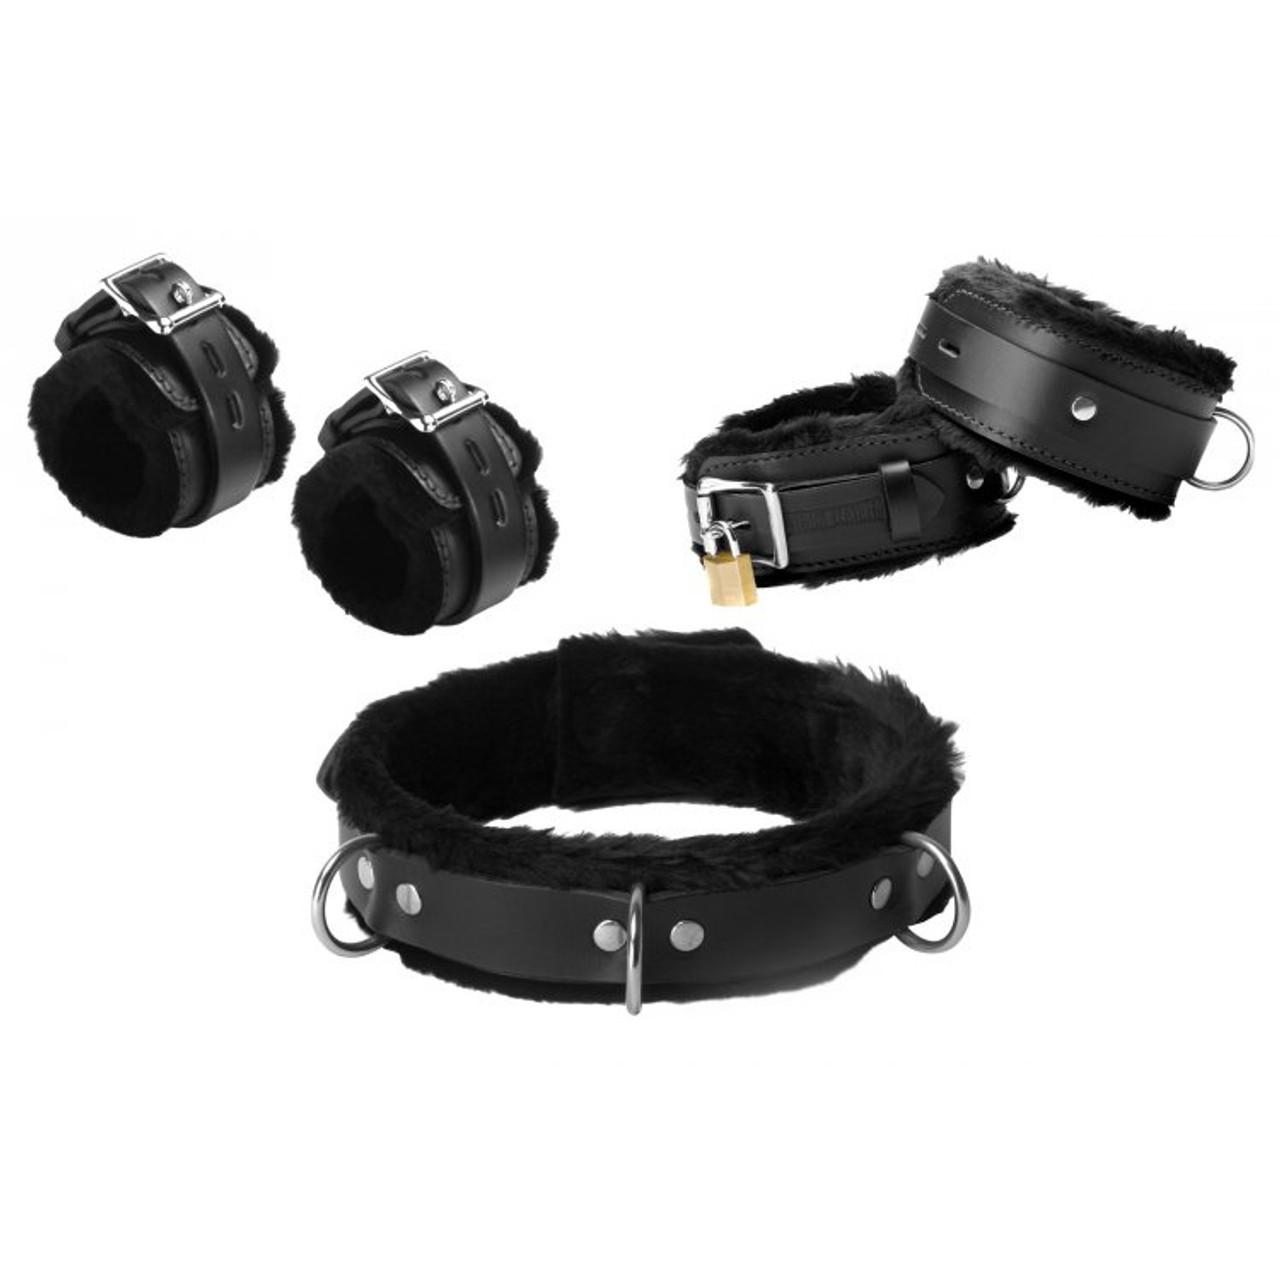 leather bondage bondage kit